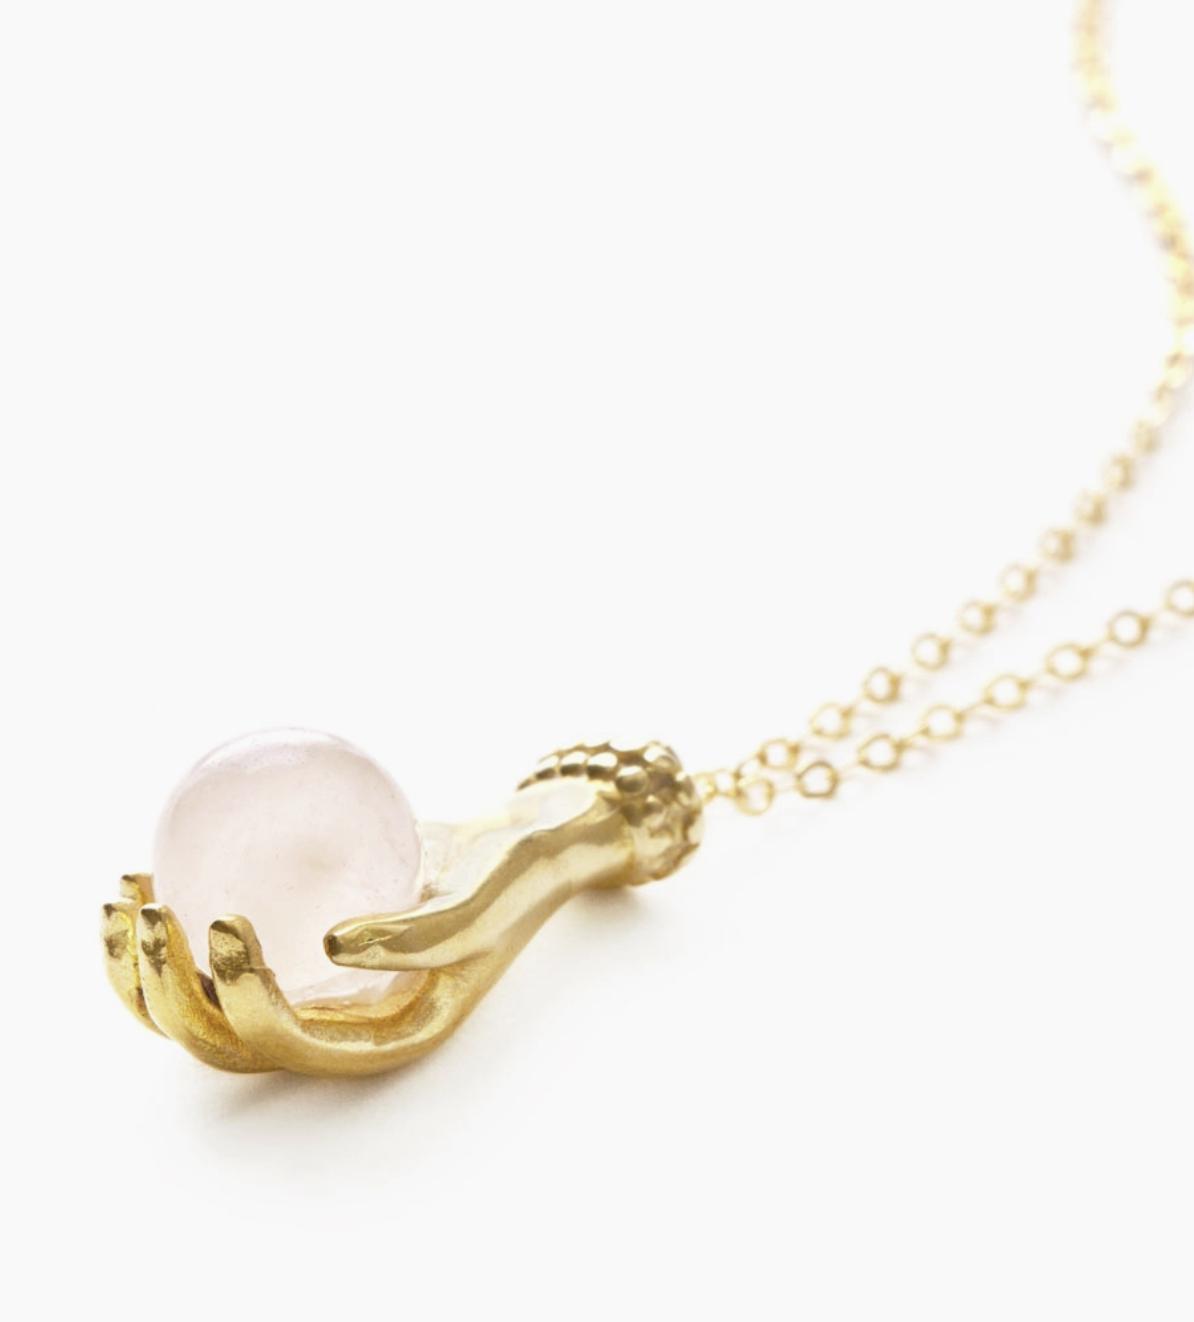 Amano Studio Fortune Teller Necklace